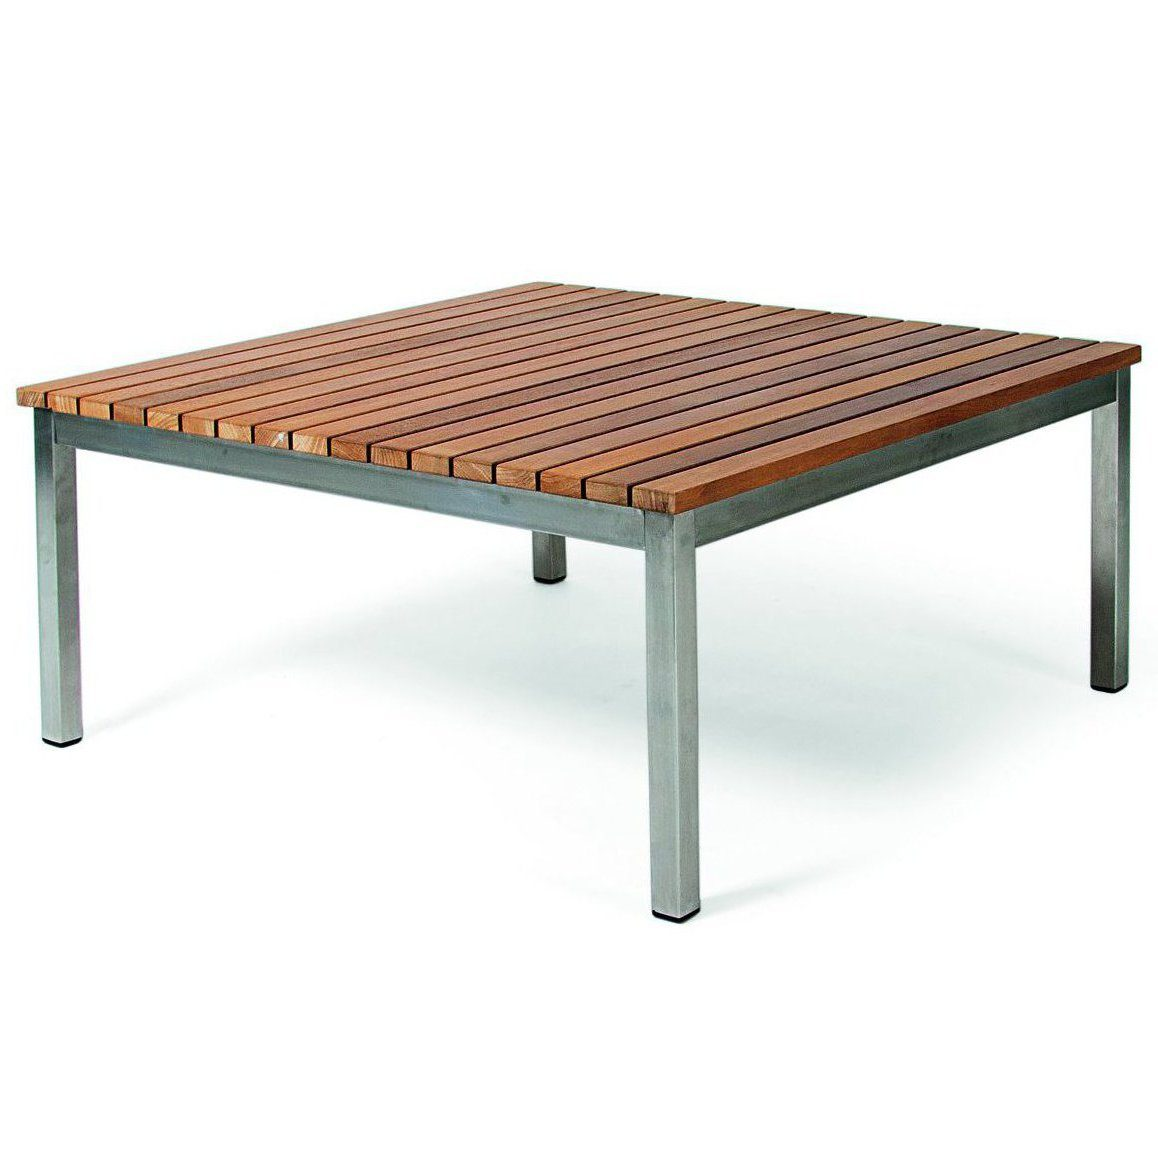 Häringe soffbord i teak och borstat stål i storleken 85x85 cm.